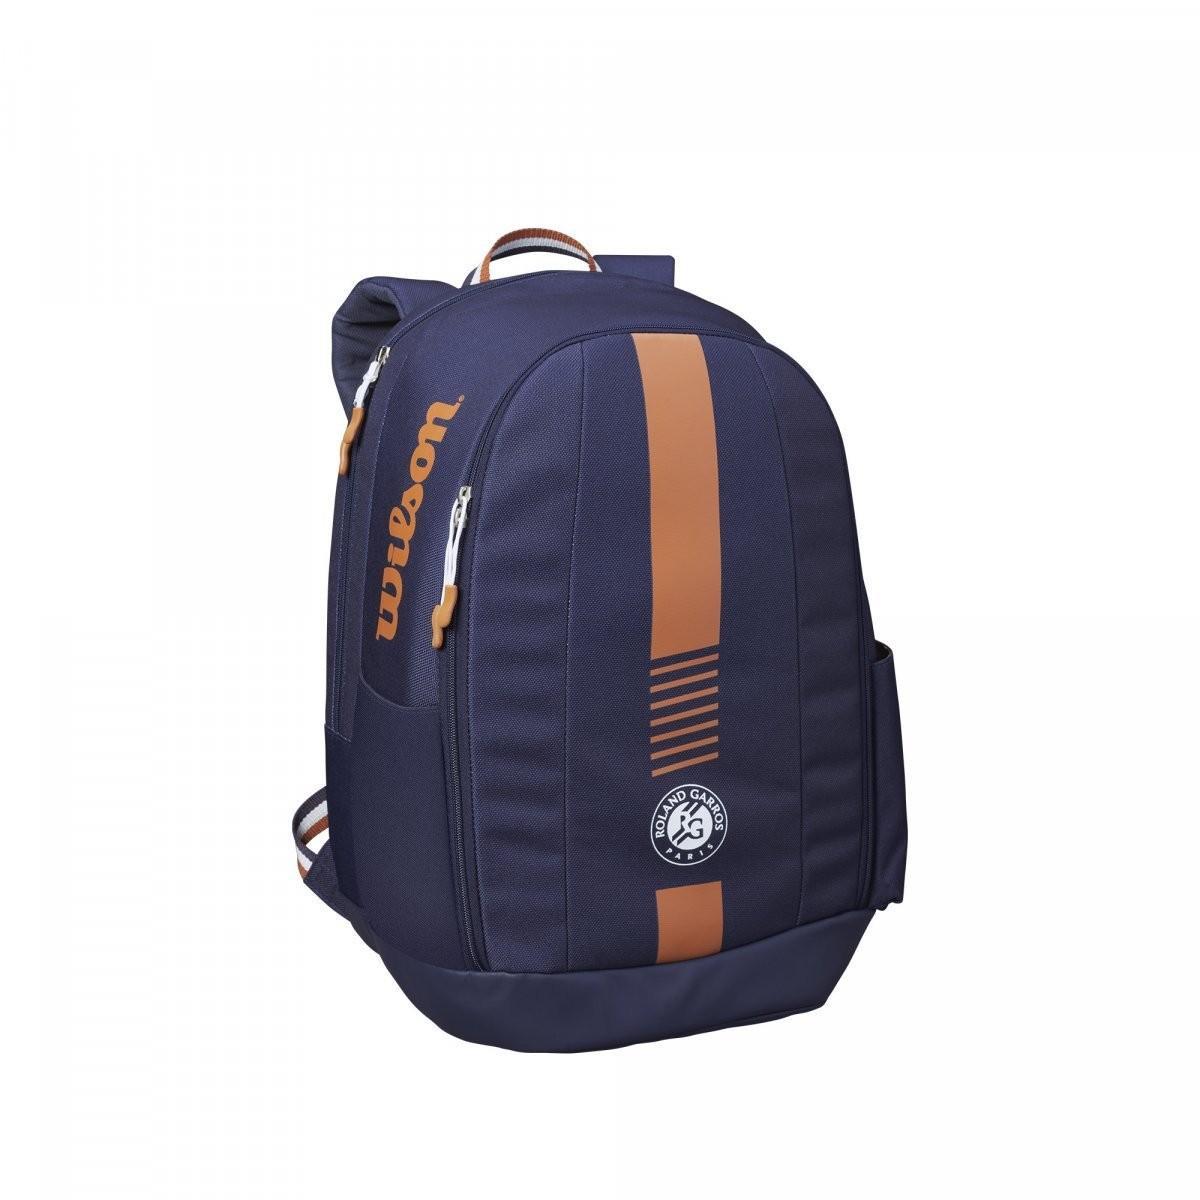 Теннисный рюкзак Wilson Roland Garros Team Backpack navy